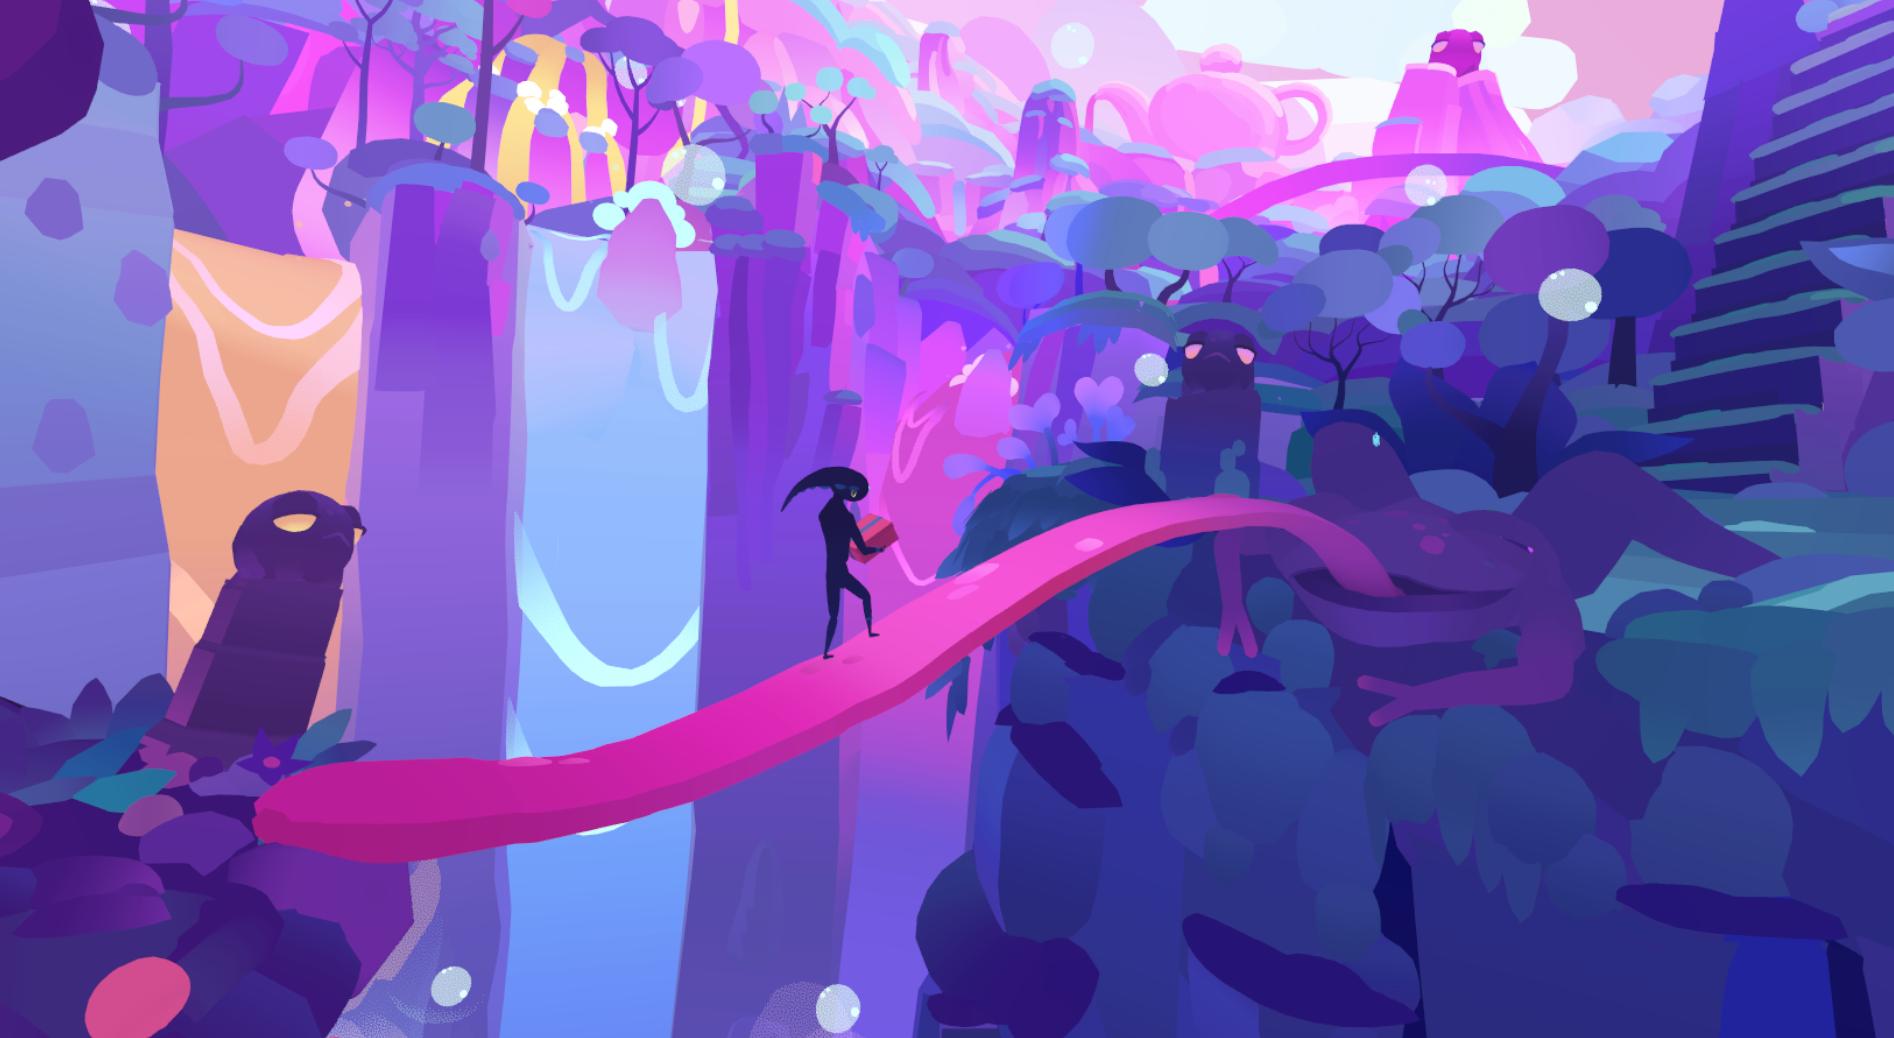 第2章『The Neon Jungle』のストーリー16